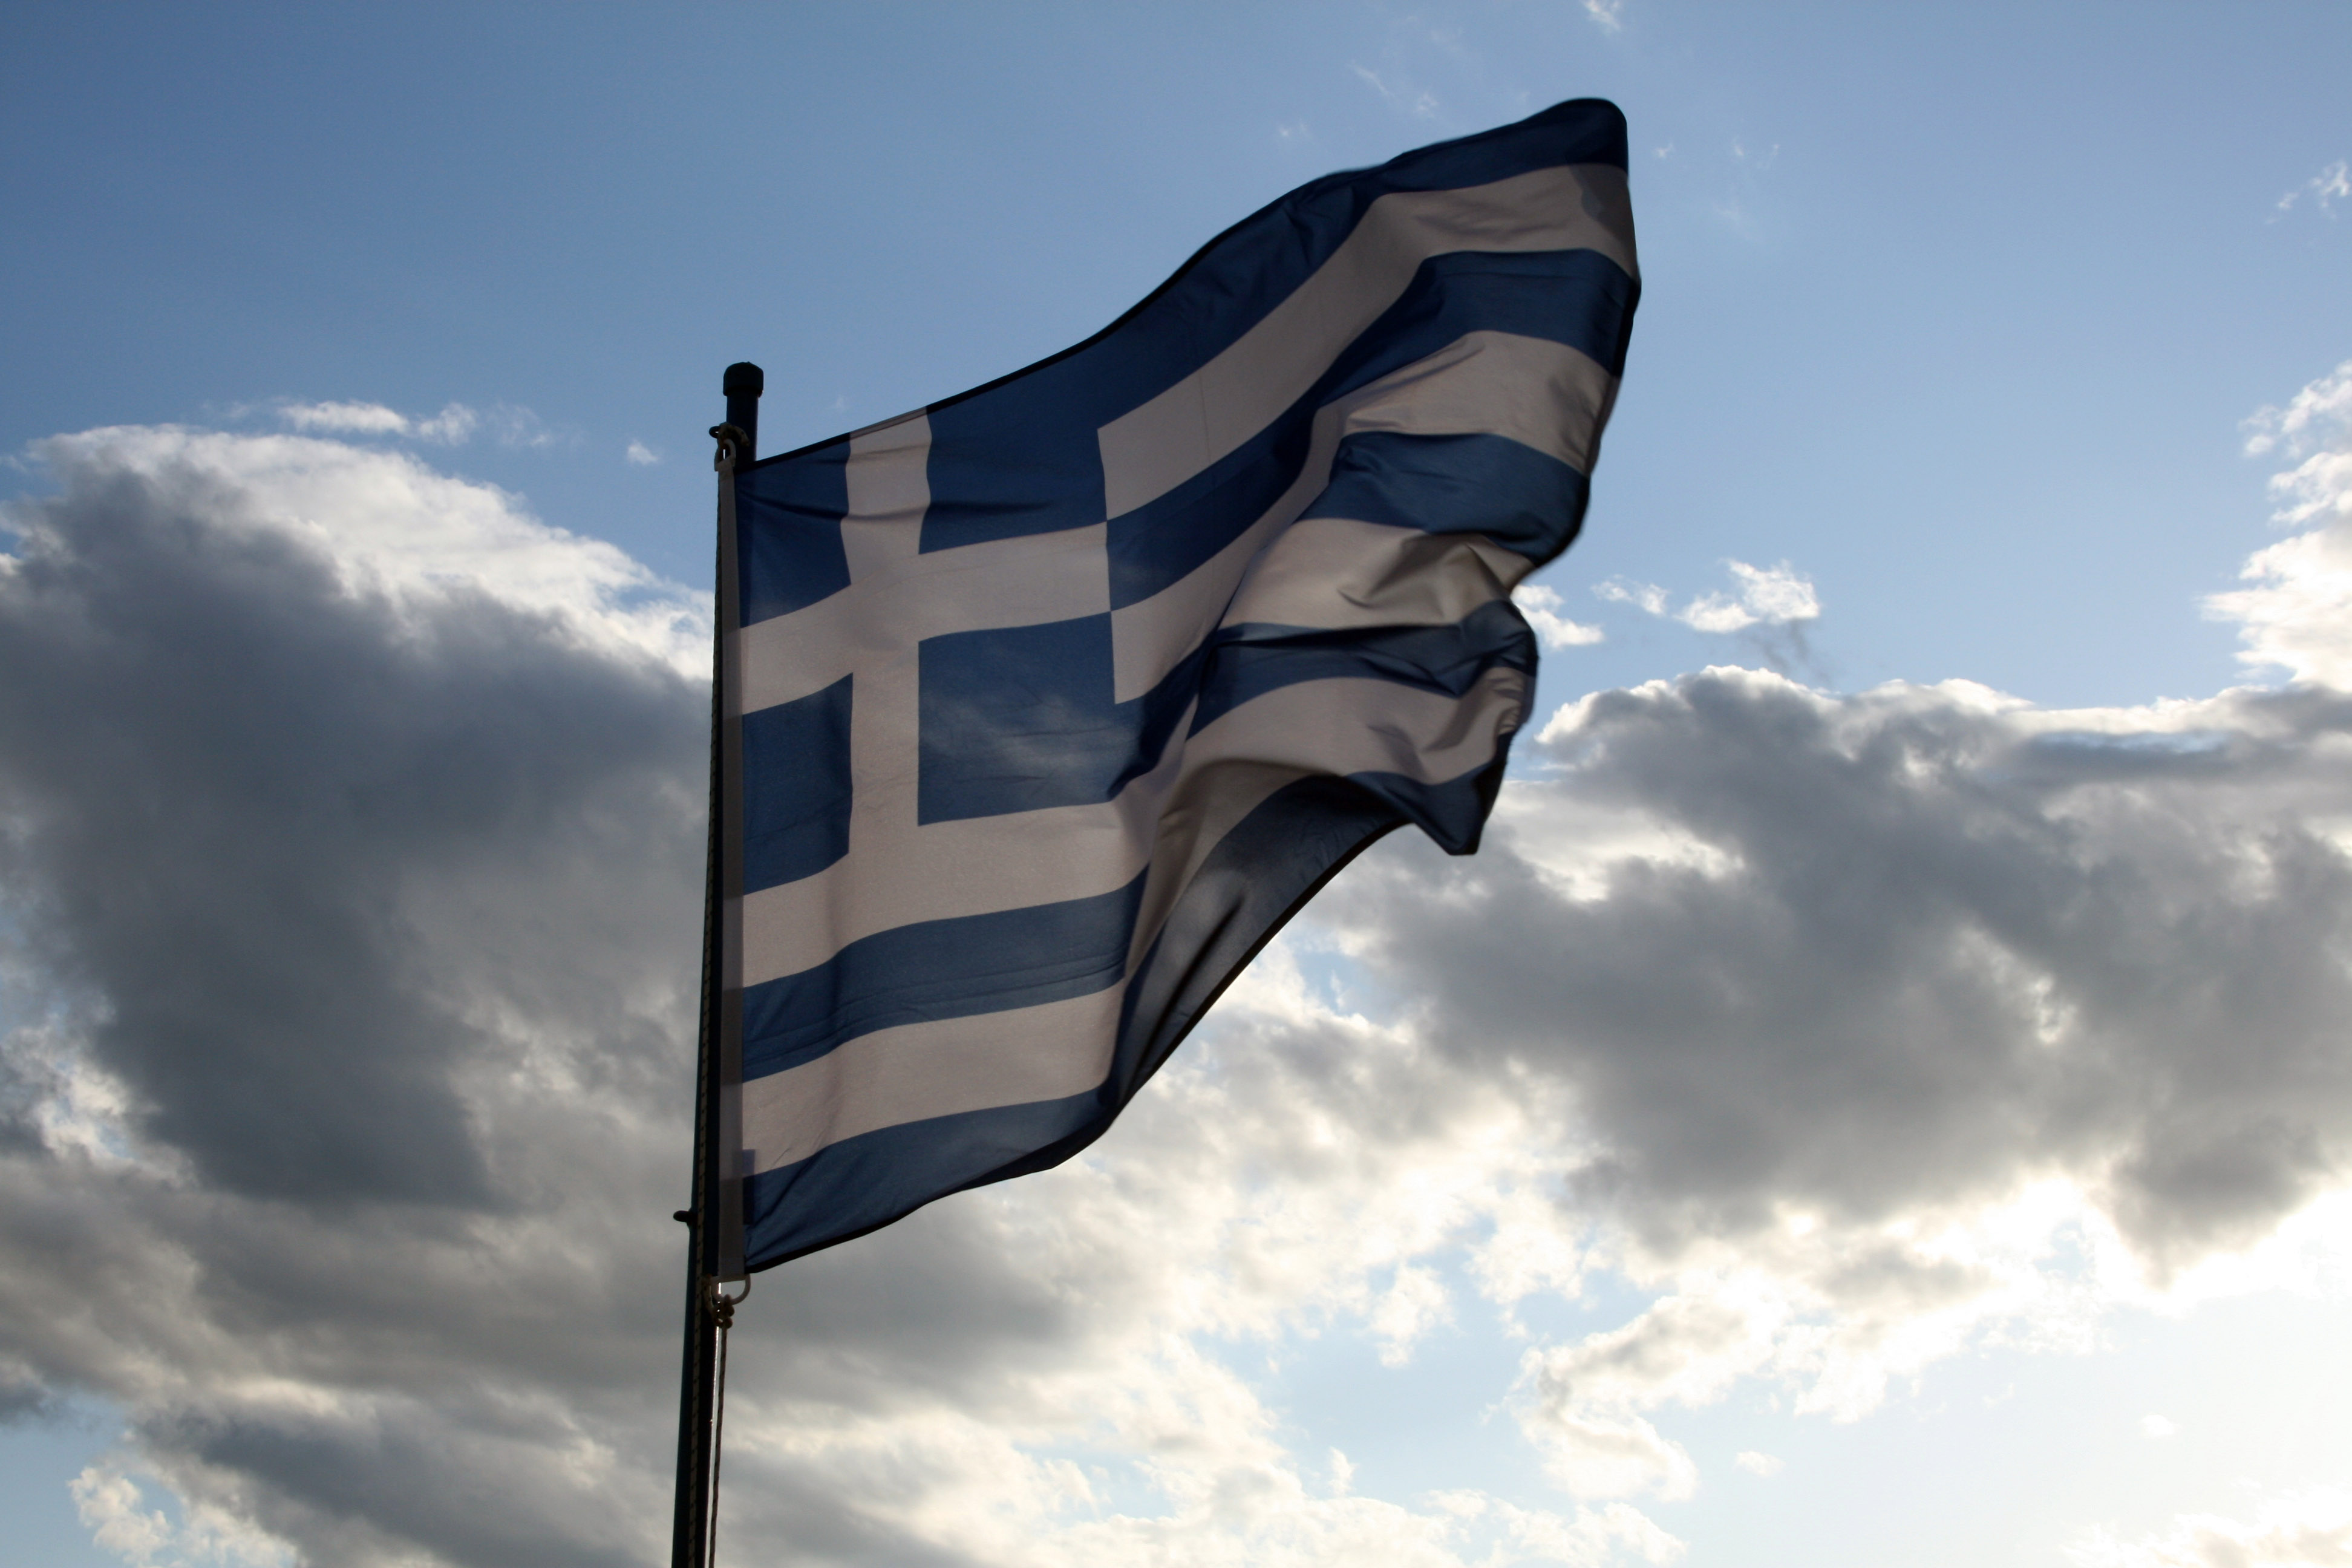 La Grèce s'apprête-t-elle a sortir de la zone euro?